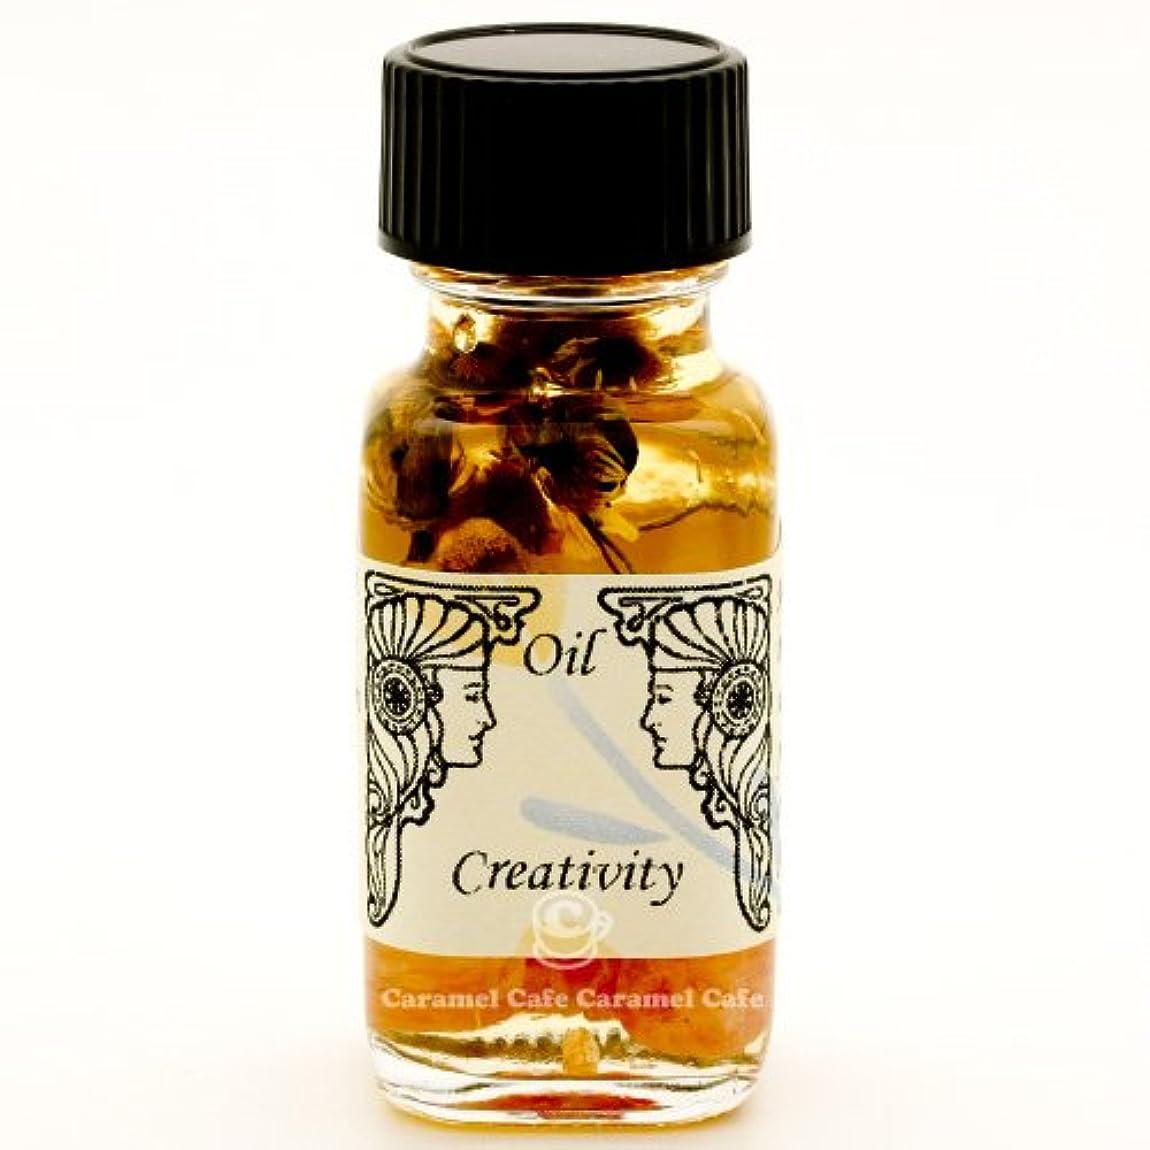 マウスピース隣接参照SEDONA Ancient Memory Oils セドナ アンシェントメモリーオイル 2016年新作オイル Creativityクリエイティビティ~創造力~ 15ml